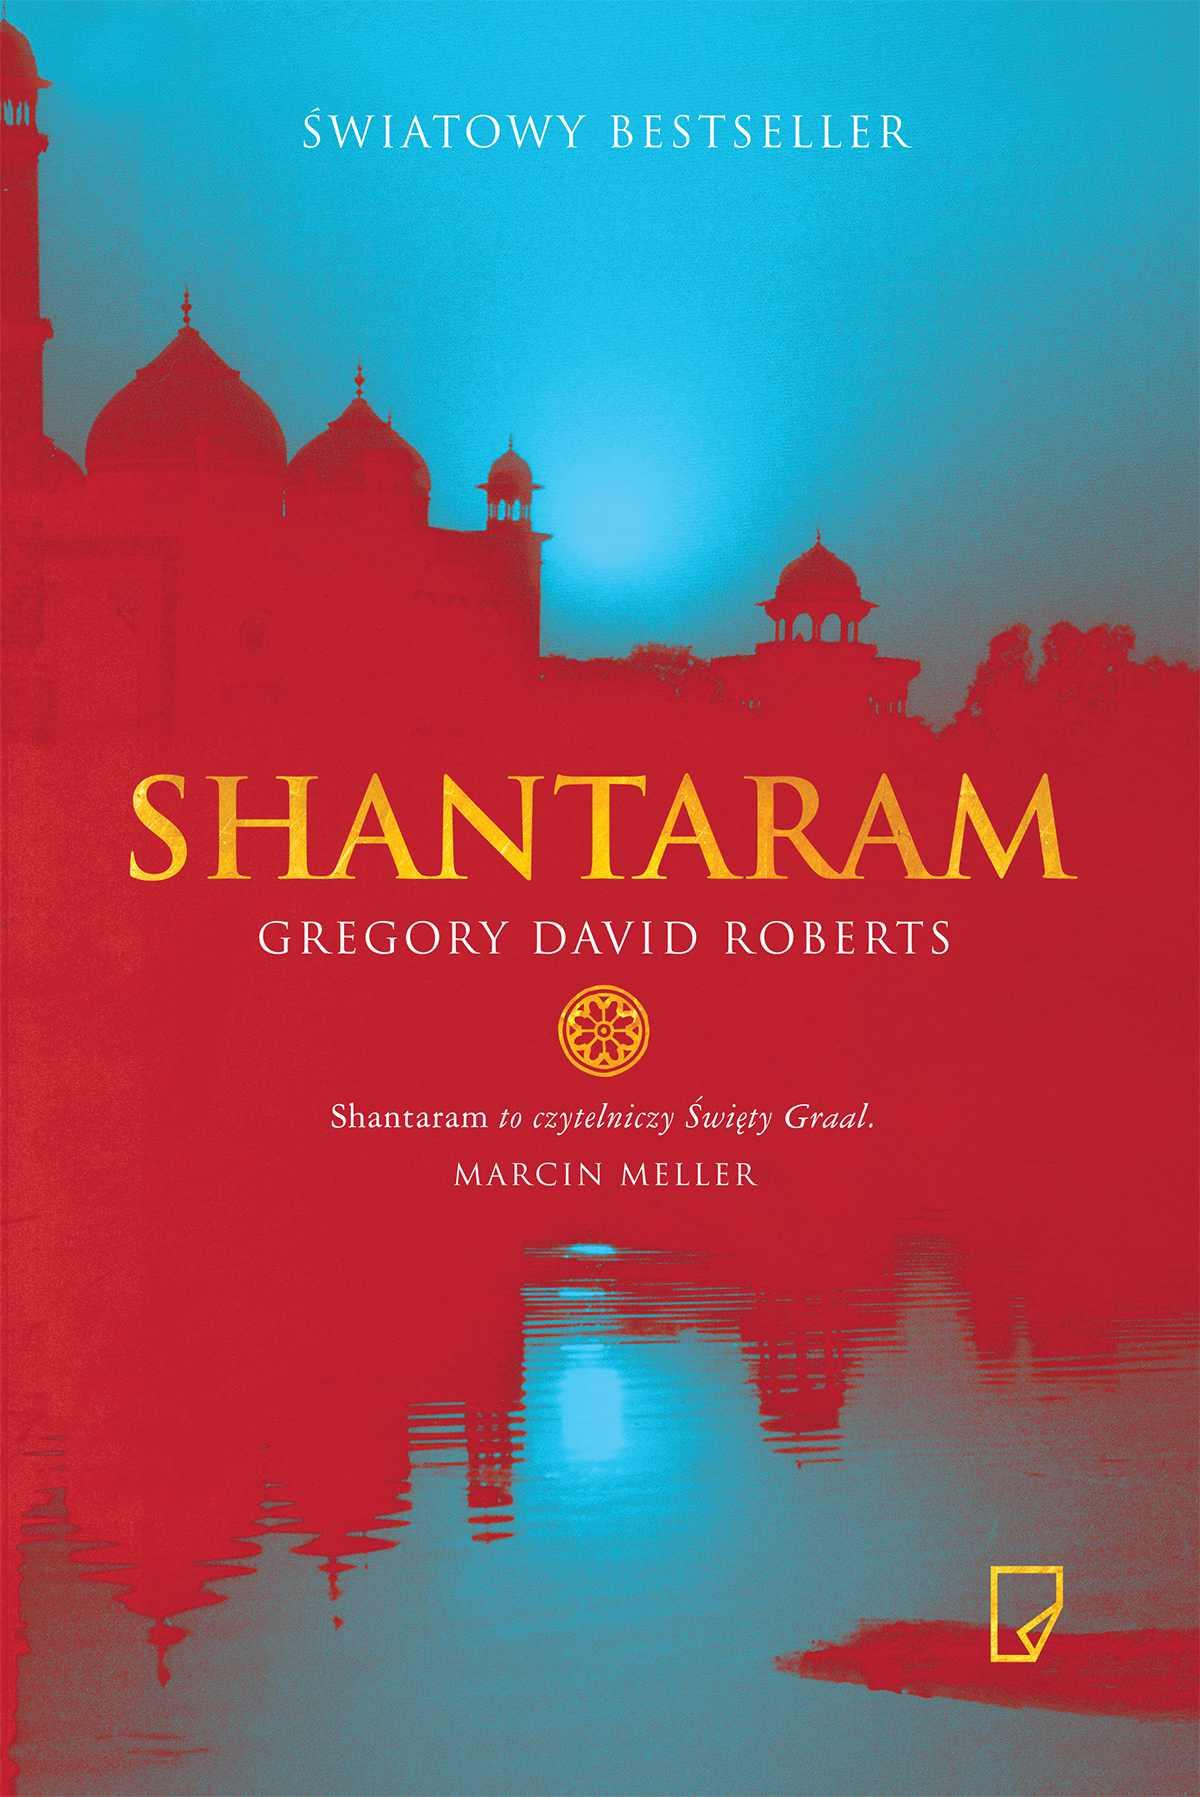 Shantaram - Tylko w Legimi możesz przeczytać ten tytuł przez 7 dni za darmo. - Gregory David Roberts